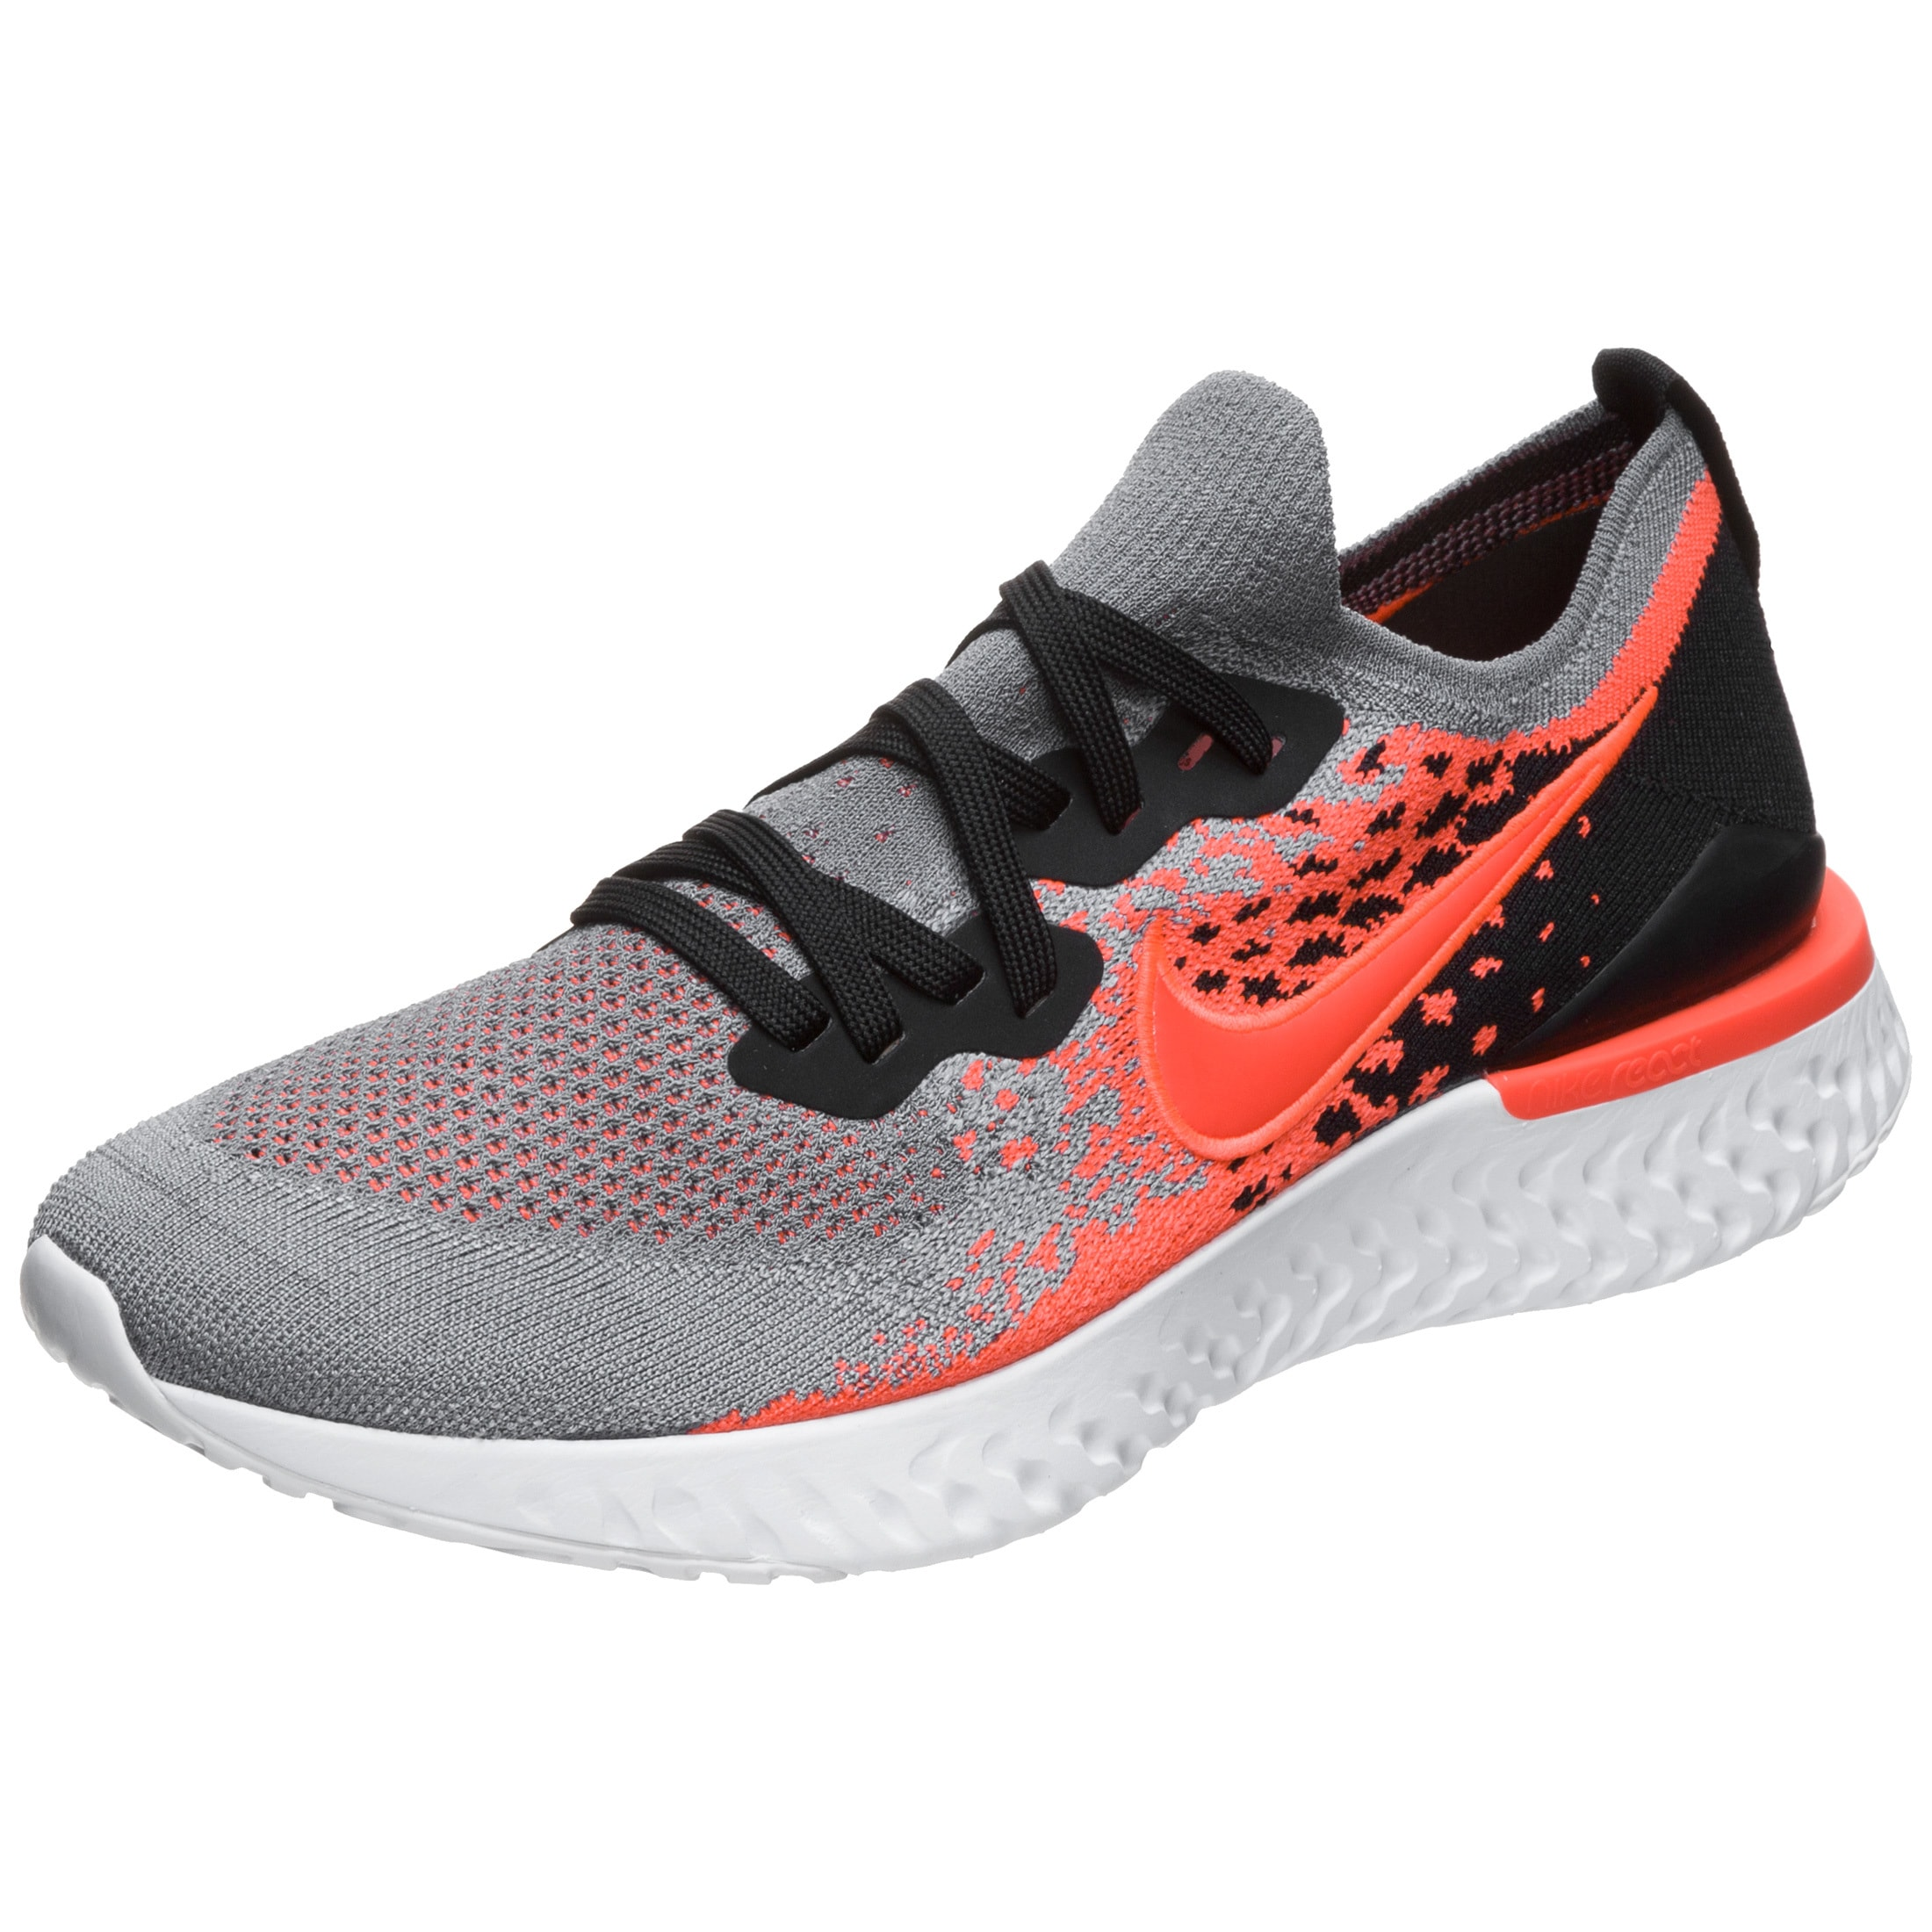 Nike Laufschuh Epic React Flyknit 2 | Schuhe > Sportschuhe | Nike